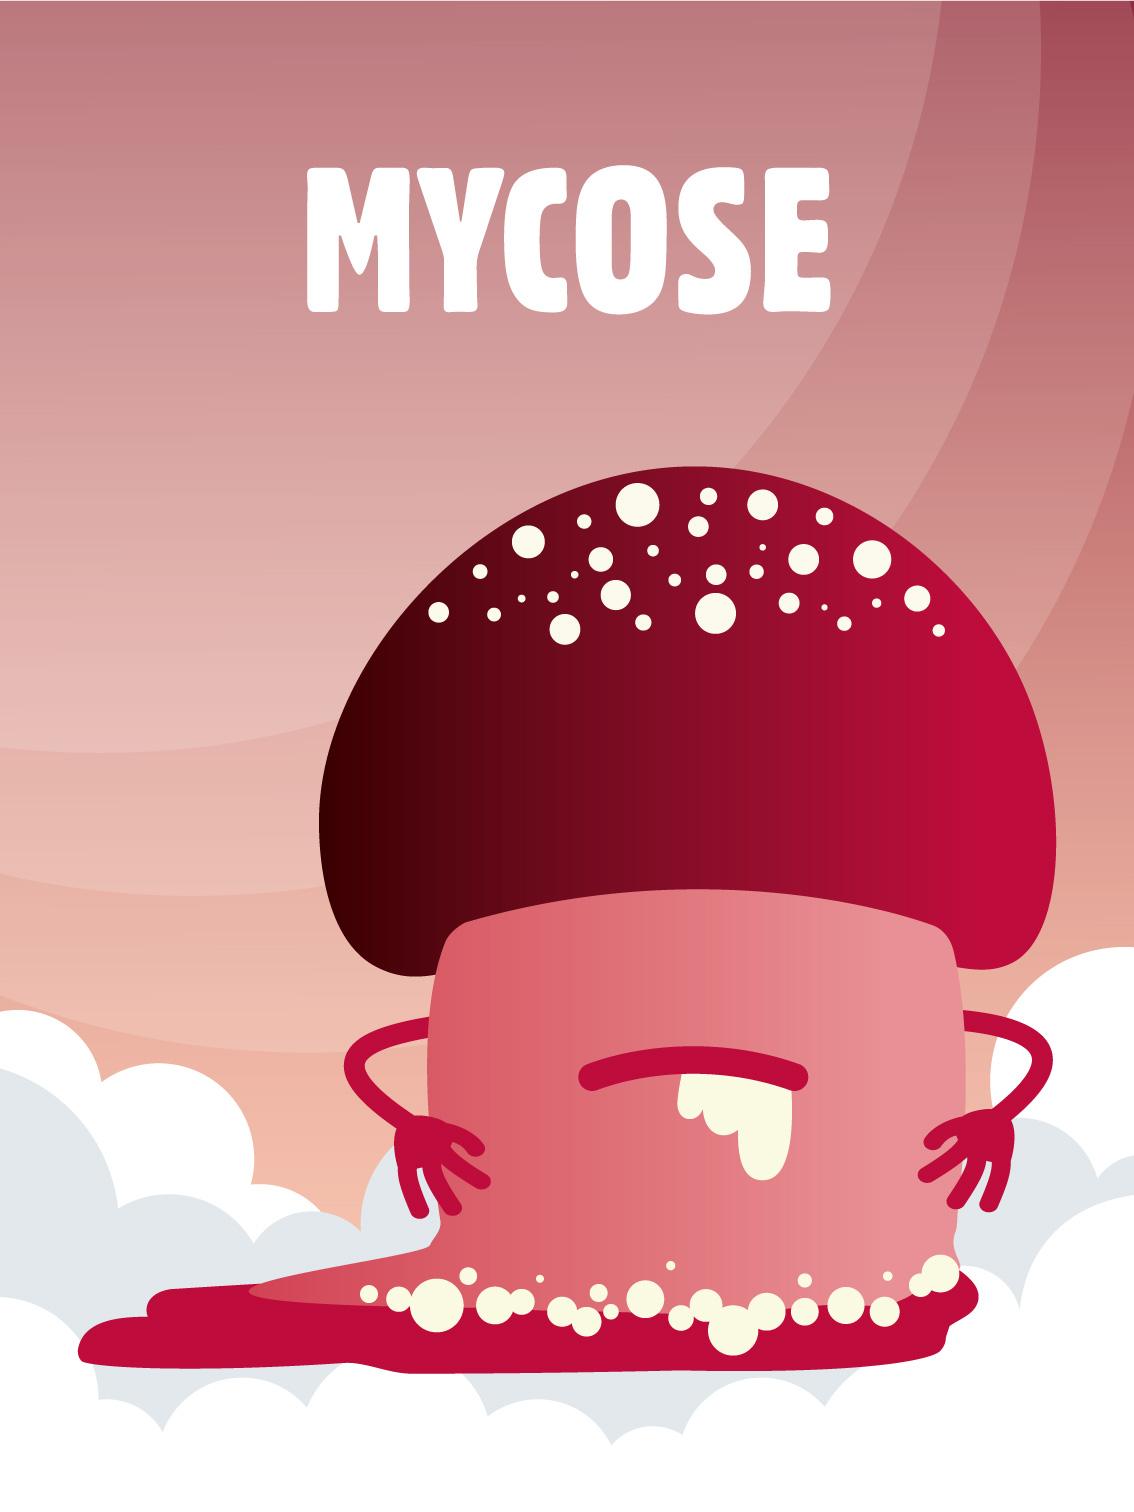 Mycose, IST, dépistage, MST, infections sexuellement transmissibles, gratter, rougeurs, rapport sexuel à risque